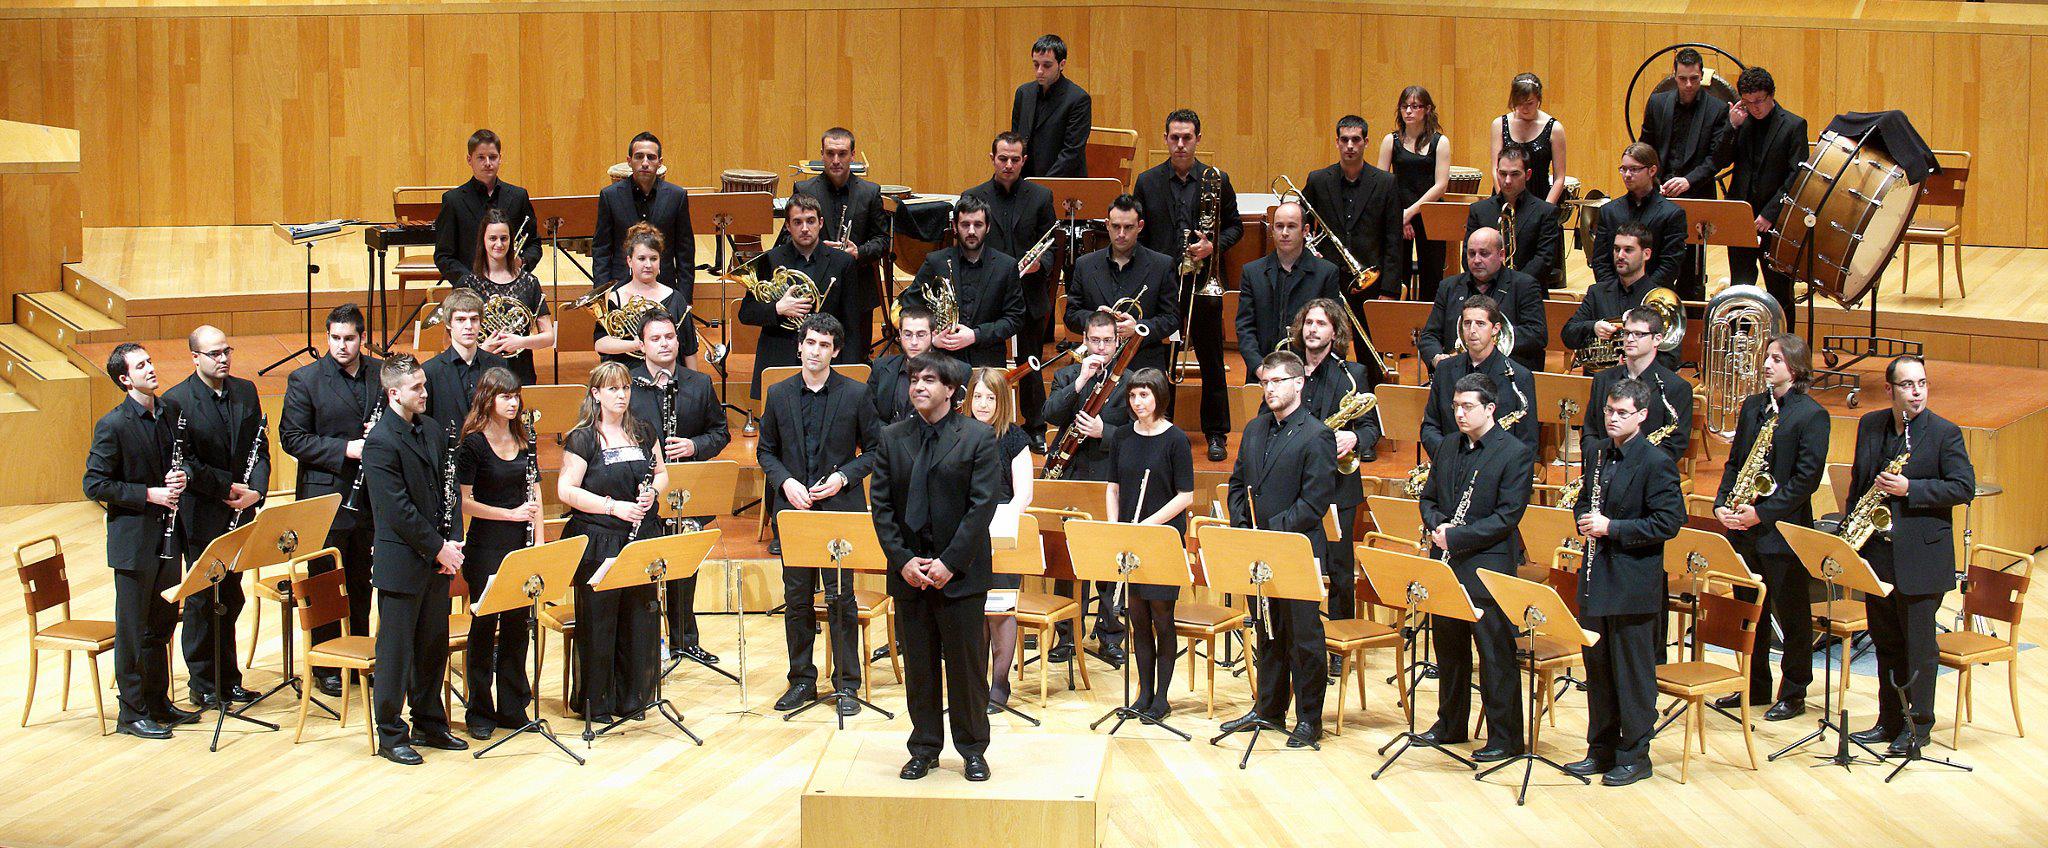 Wind Orchestra Zaragoza zgz conciertos